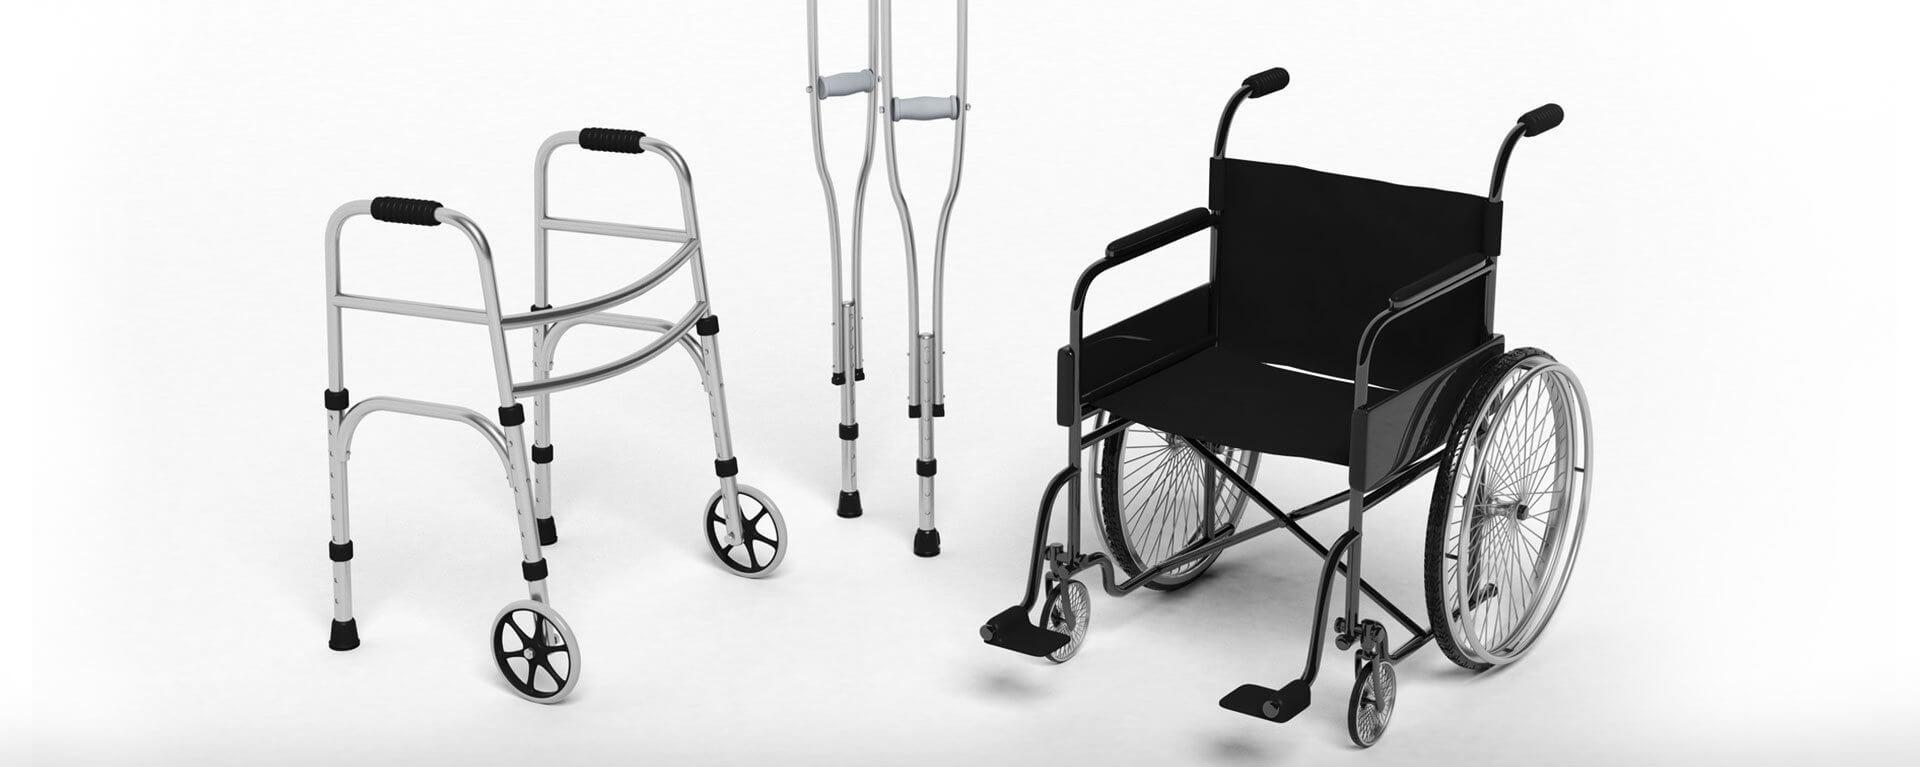 прокат костылей и инвалидных колясок